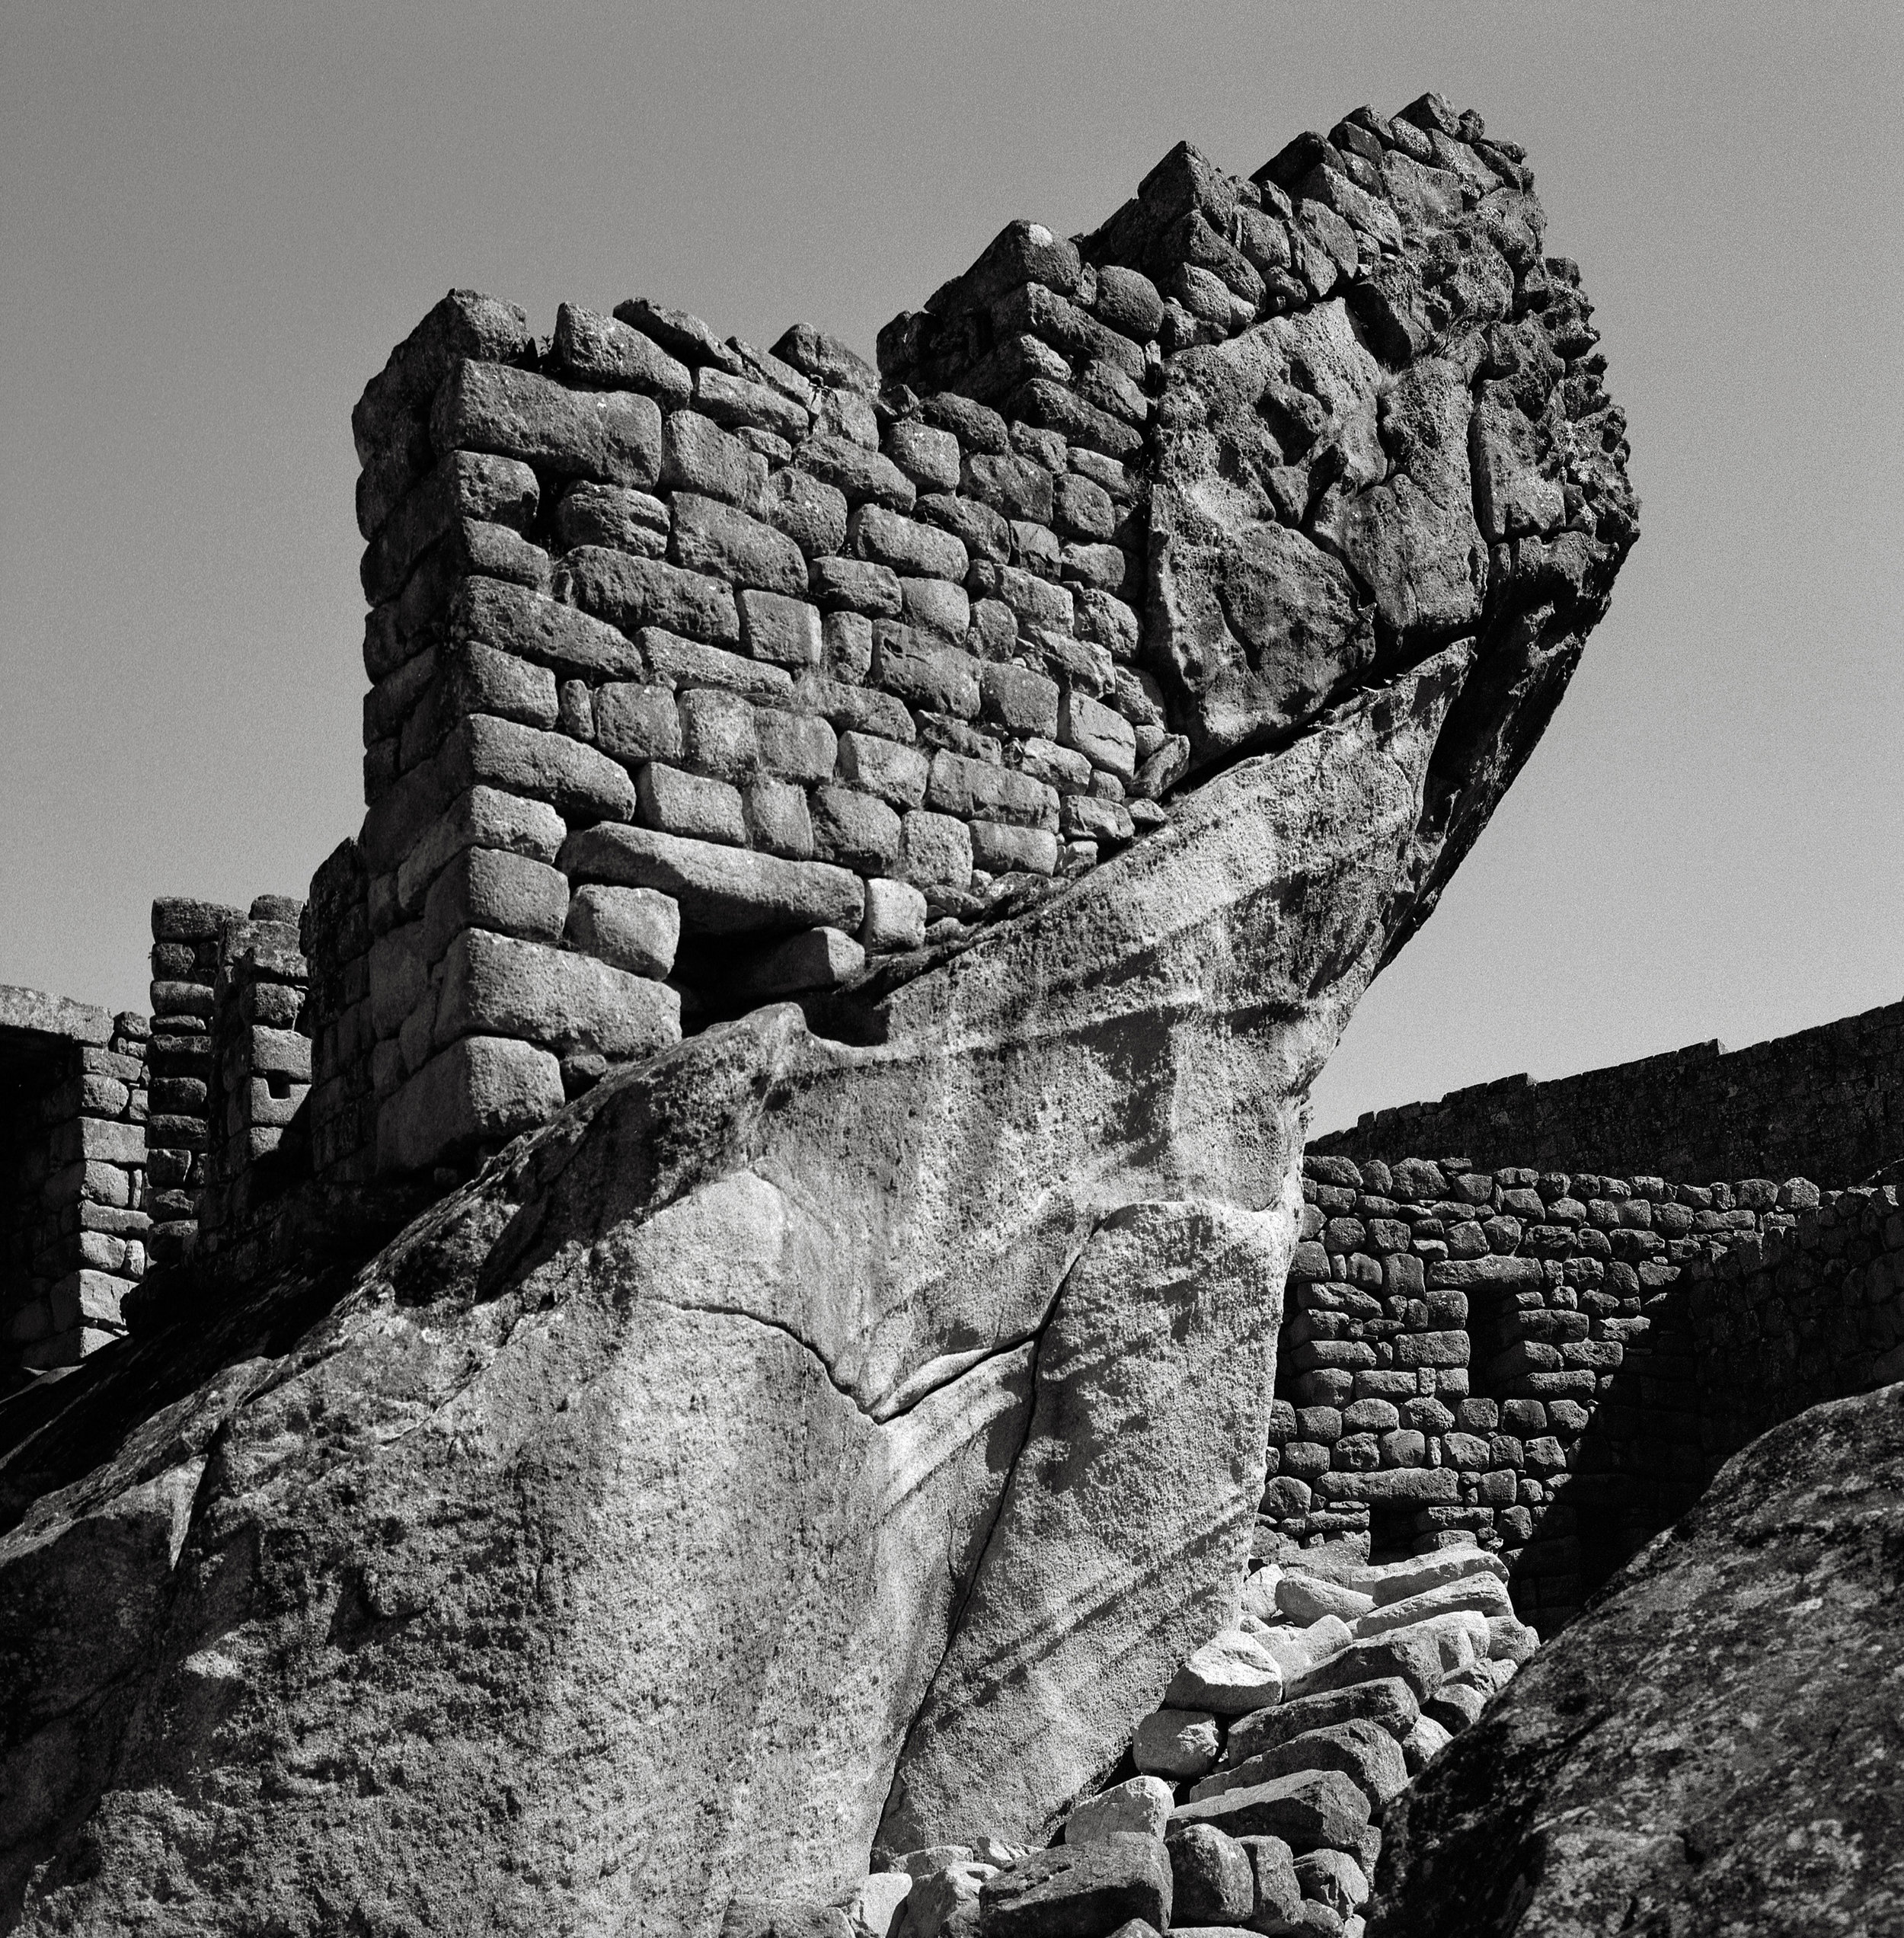 Temple of the Condor, Machu Pichu